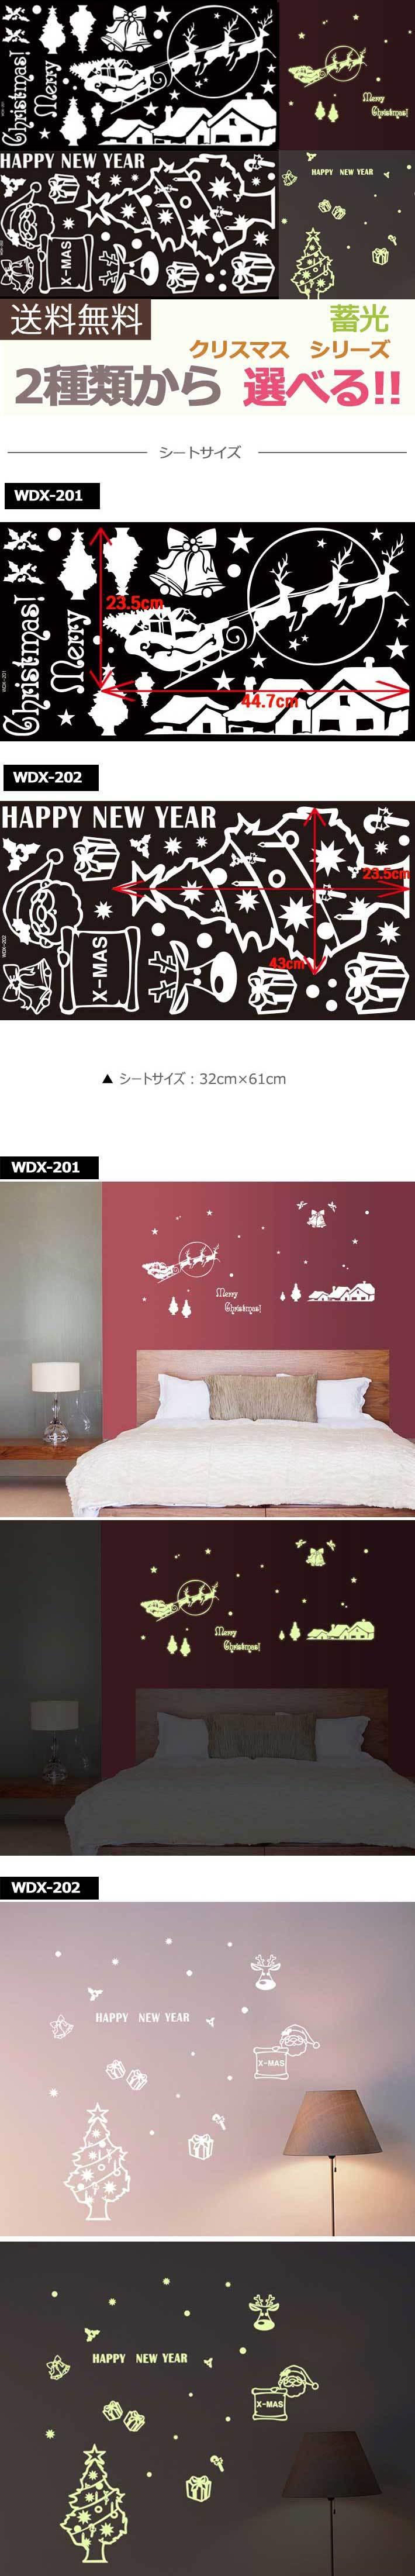 ウォールステッカー クリスマス 飾り 壁紙 結晶 蓄光 シ ケイララ